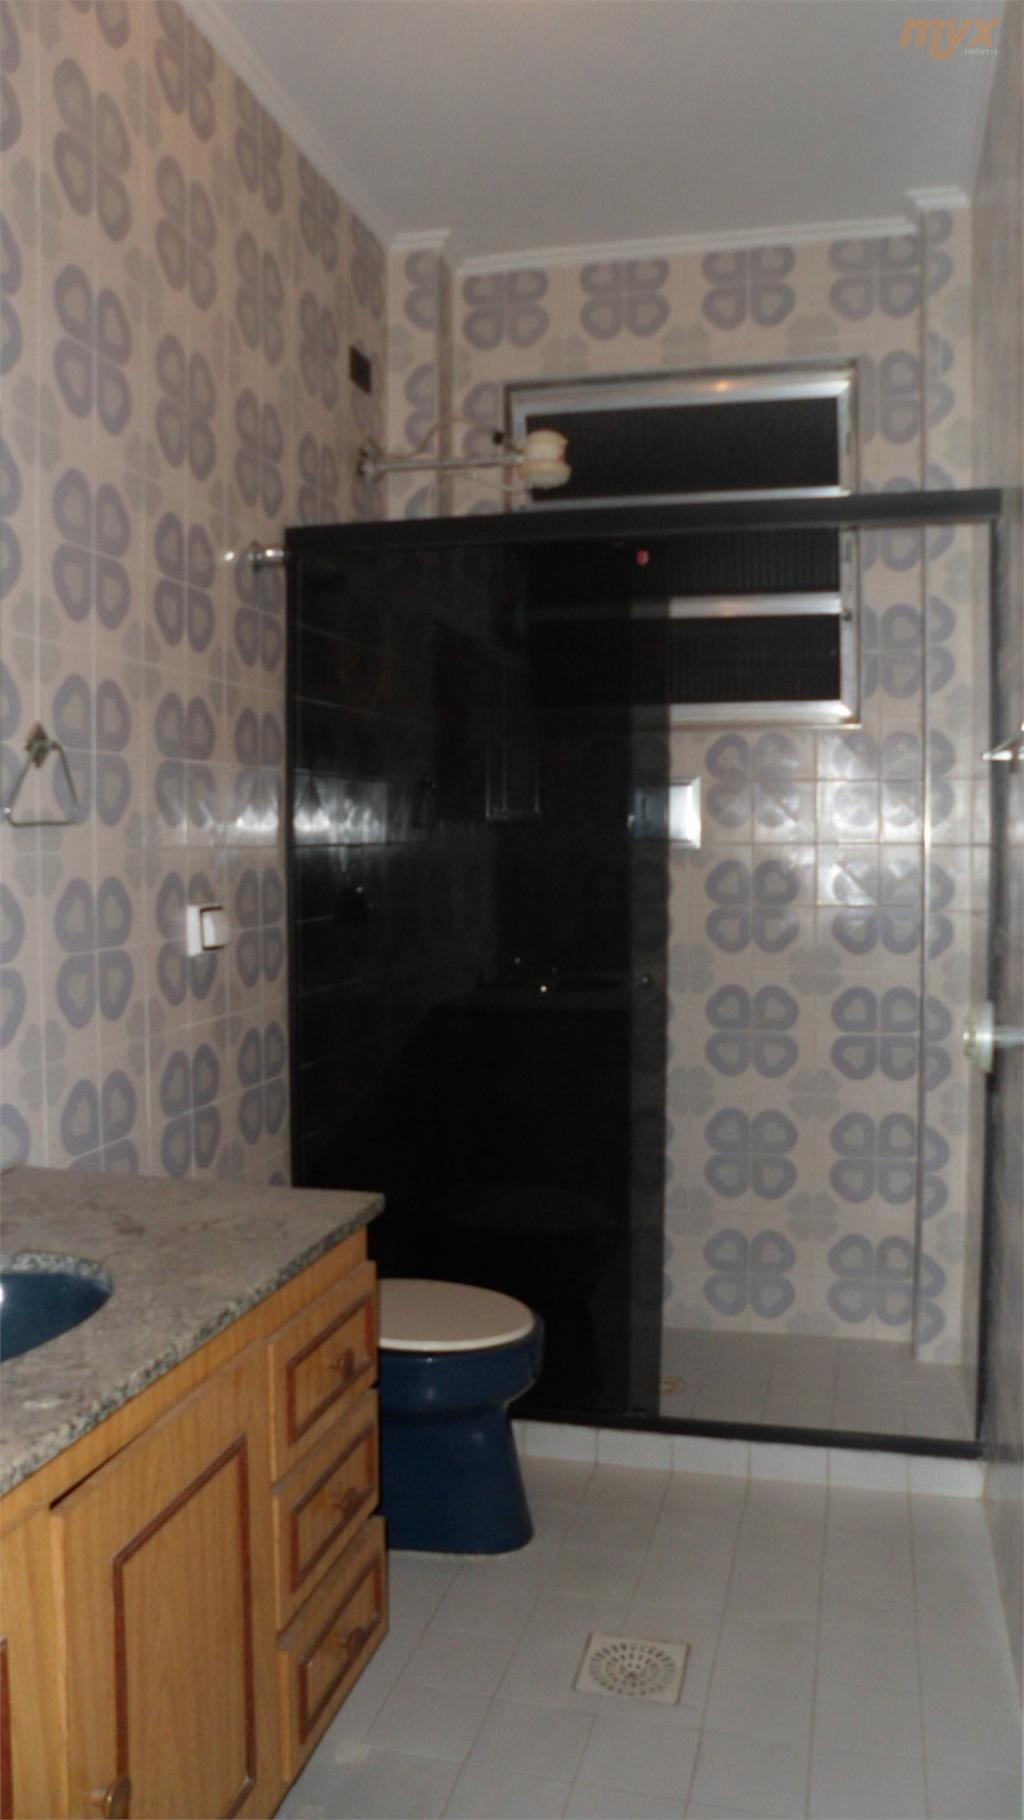 marapé - apartamento amplo com 2 dormitórios, sala 2 ambientes, cozinha, área de serviço - 3º...